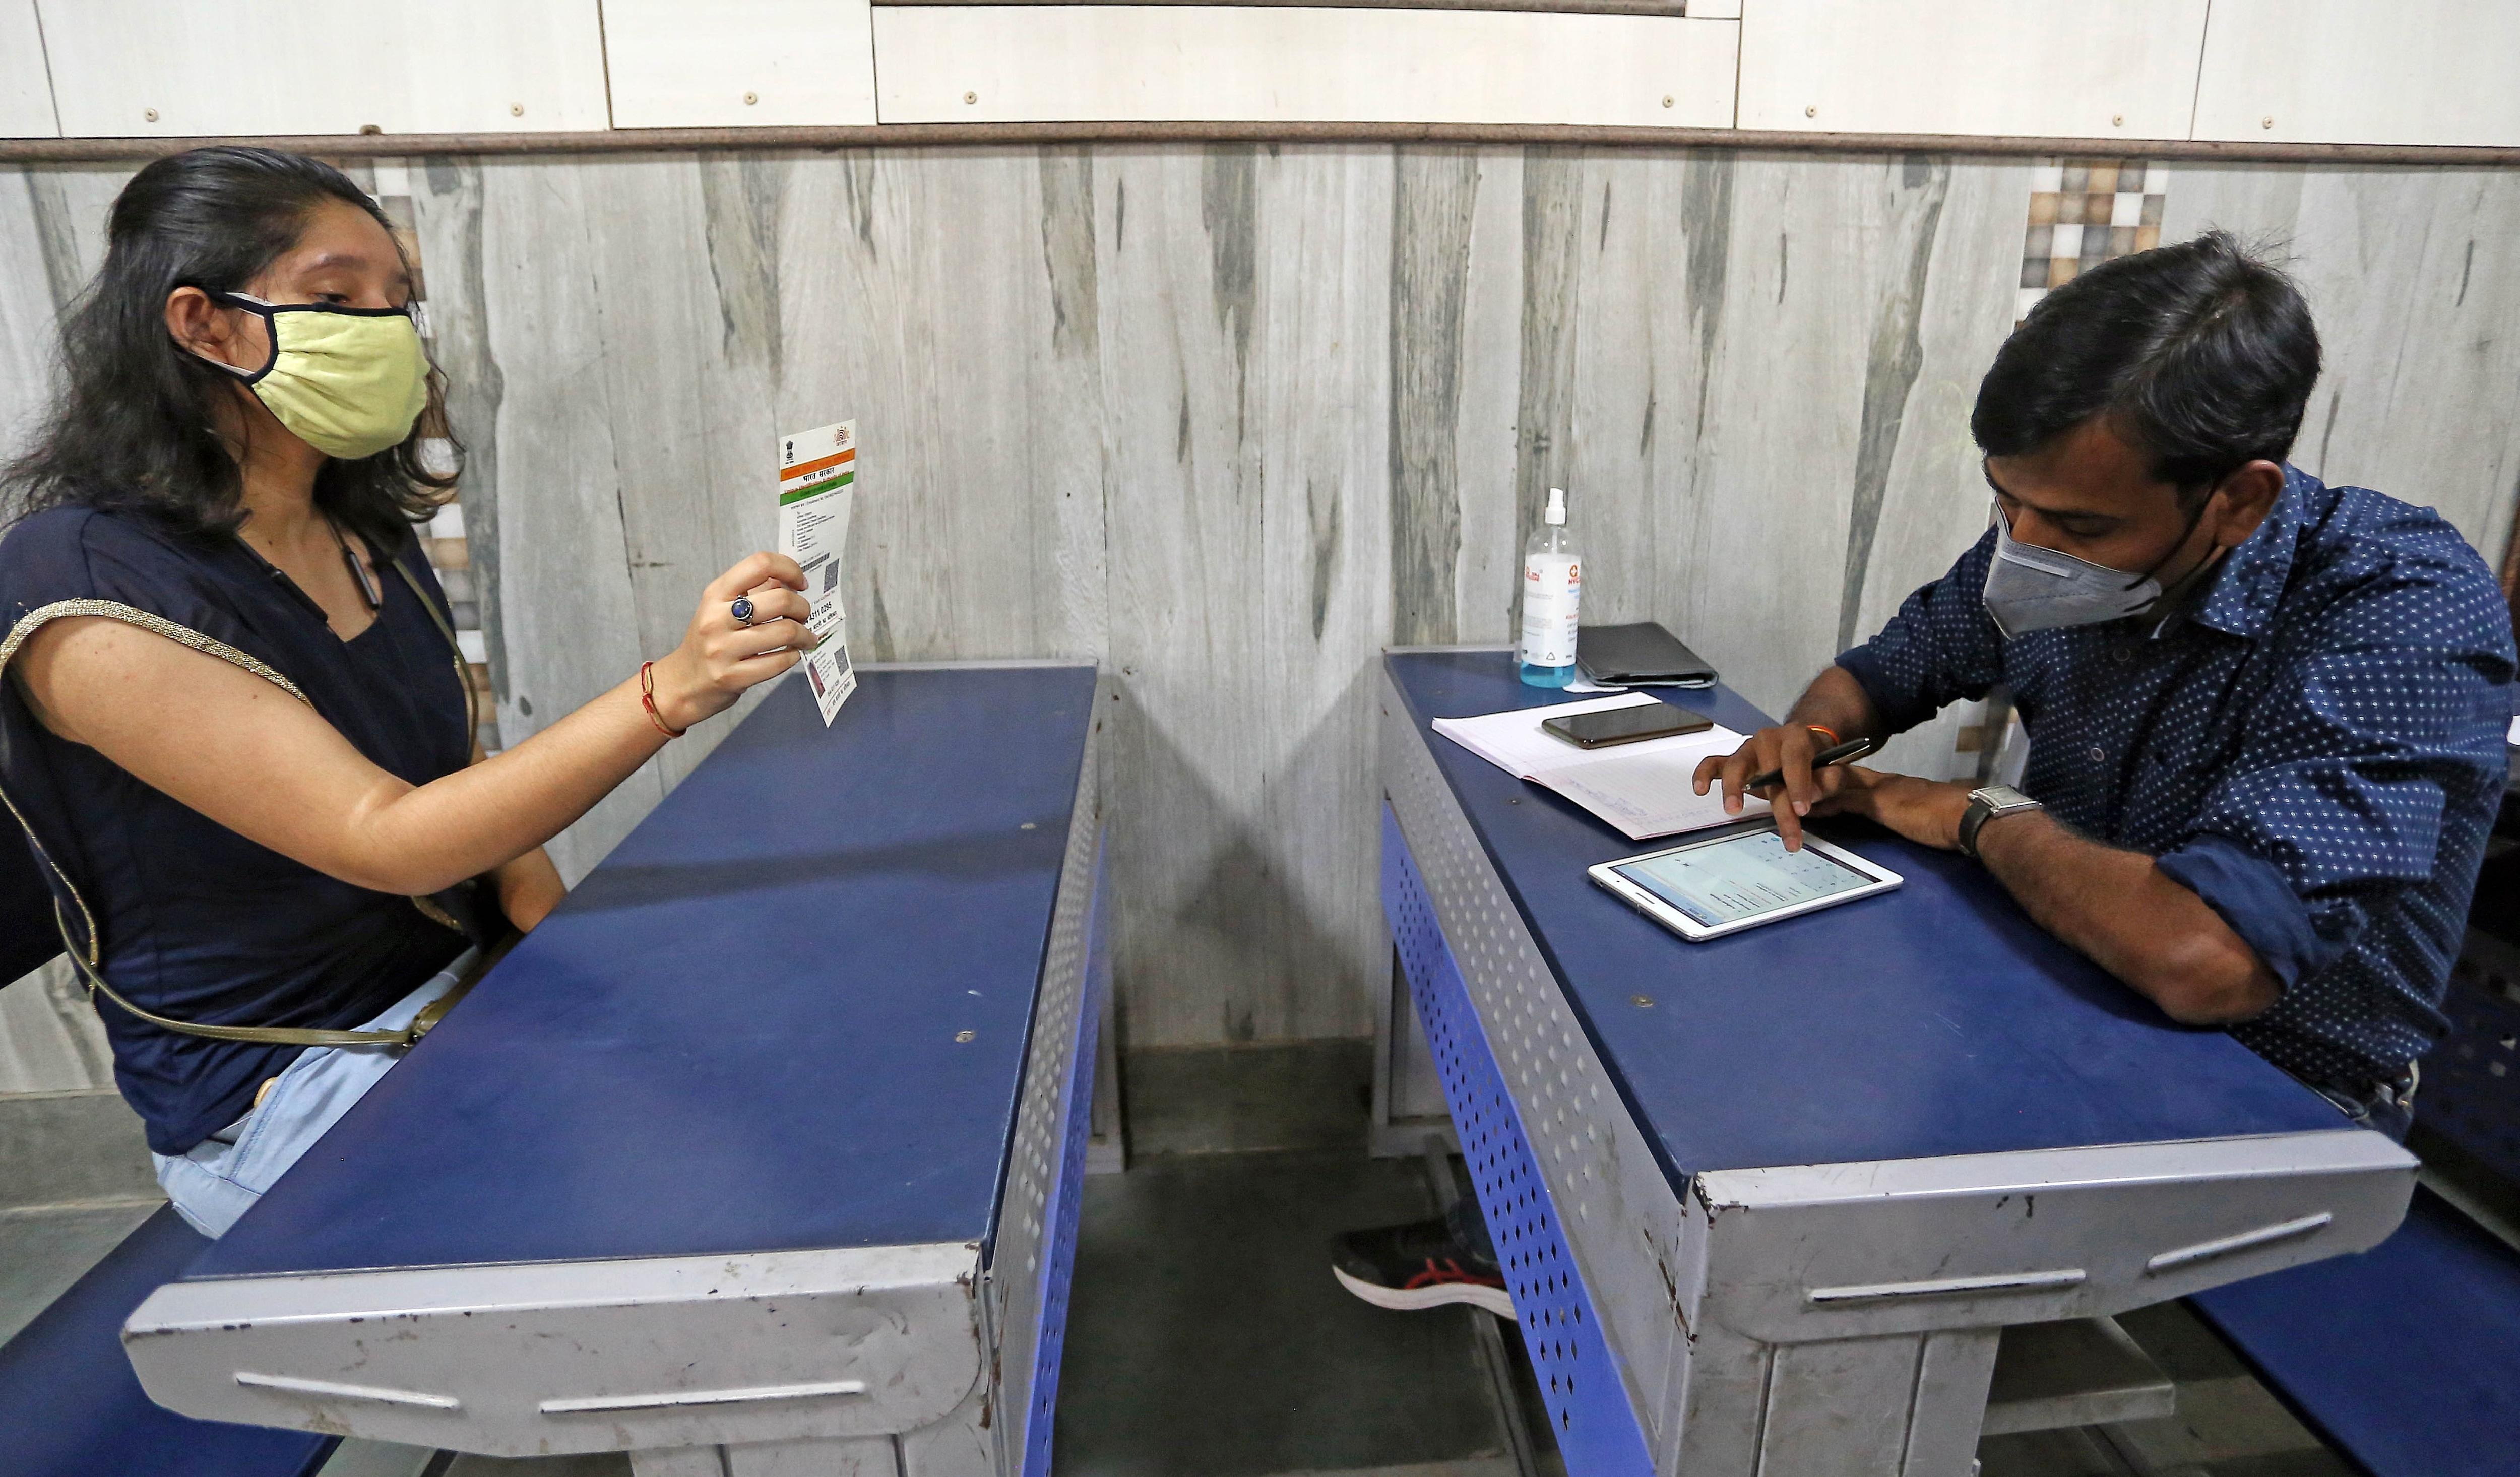 স্কুল পড়ুয়াদের আধার নথিভুক্তিকরণ শুরু হচ্ছে পশ্চিমবঙ্গে। আগামী ১ অক্টোবর থেকে এই পাইলট প্রকল্প শুরু করছে রাজ্য। ফাইল ছবি : এএনআই (ANI)